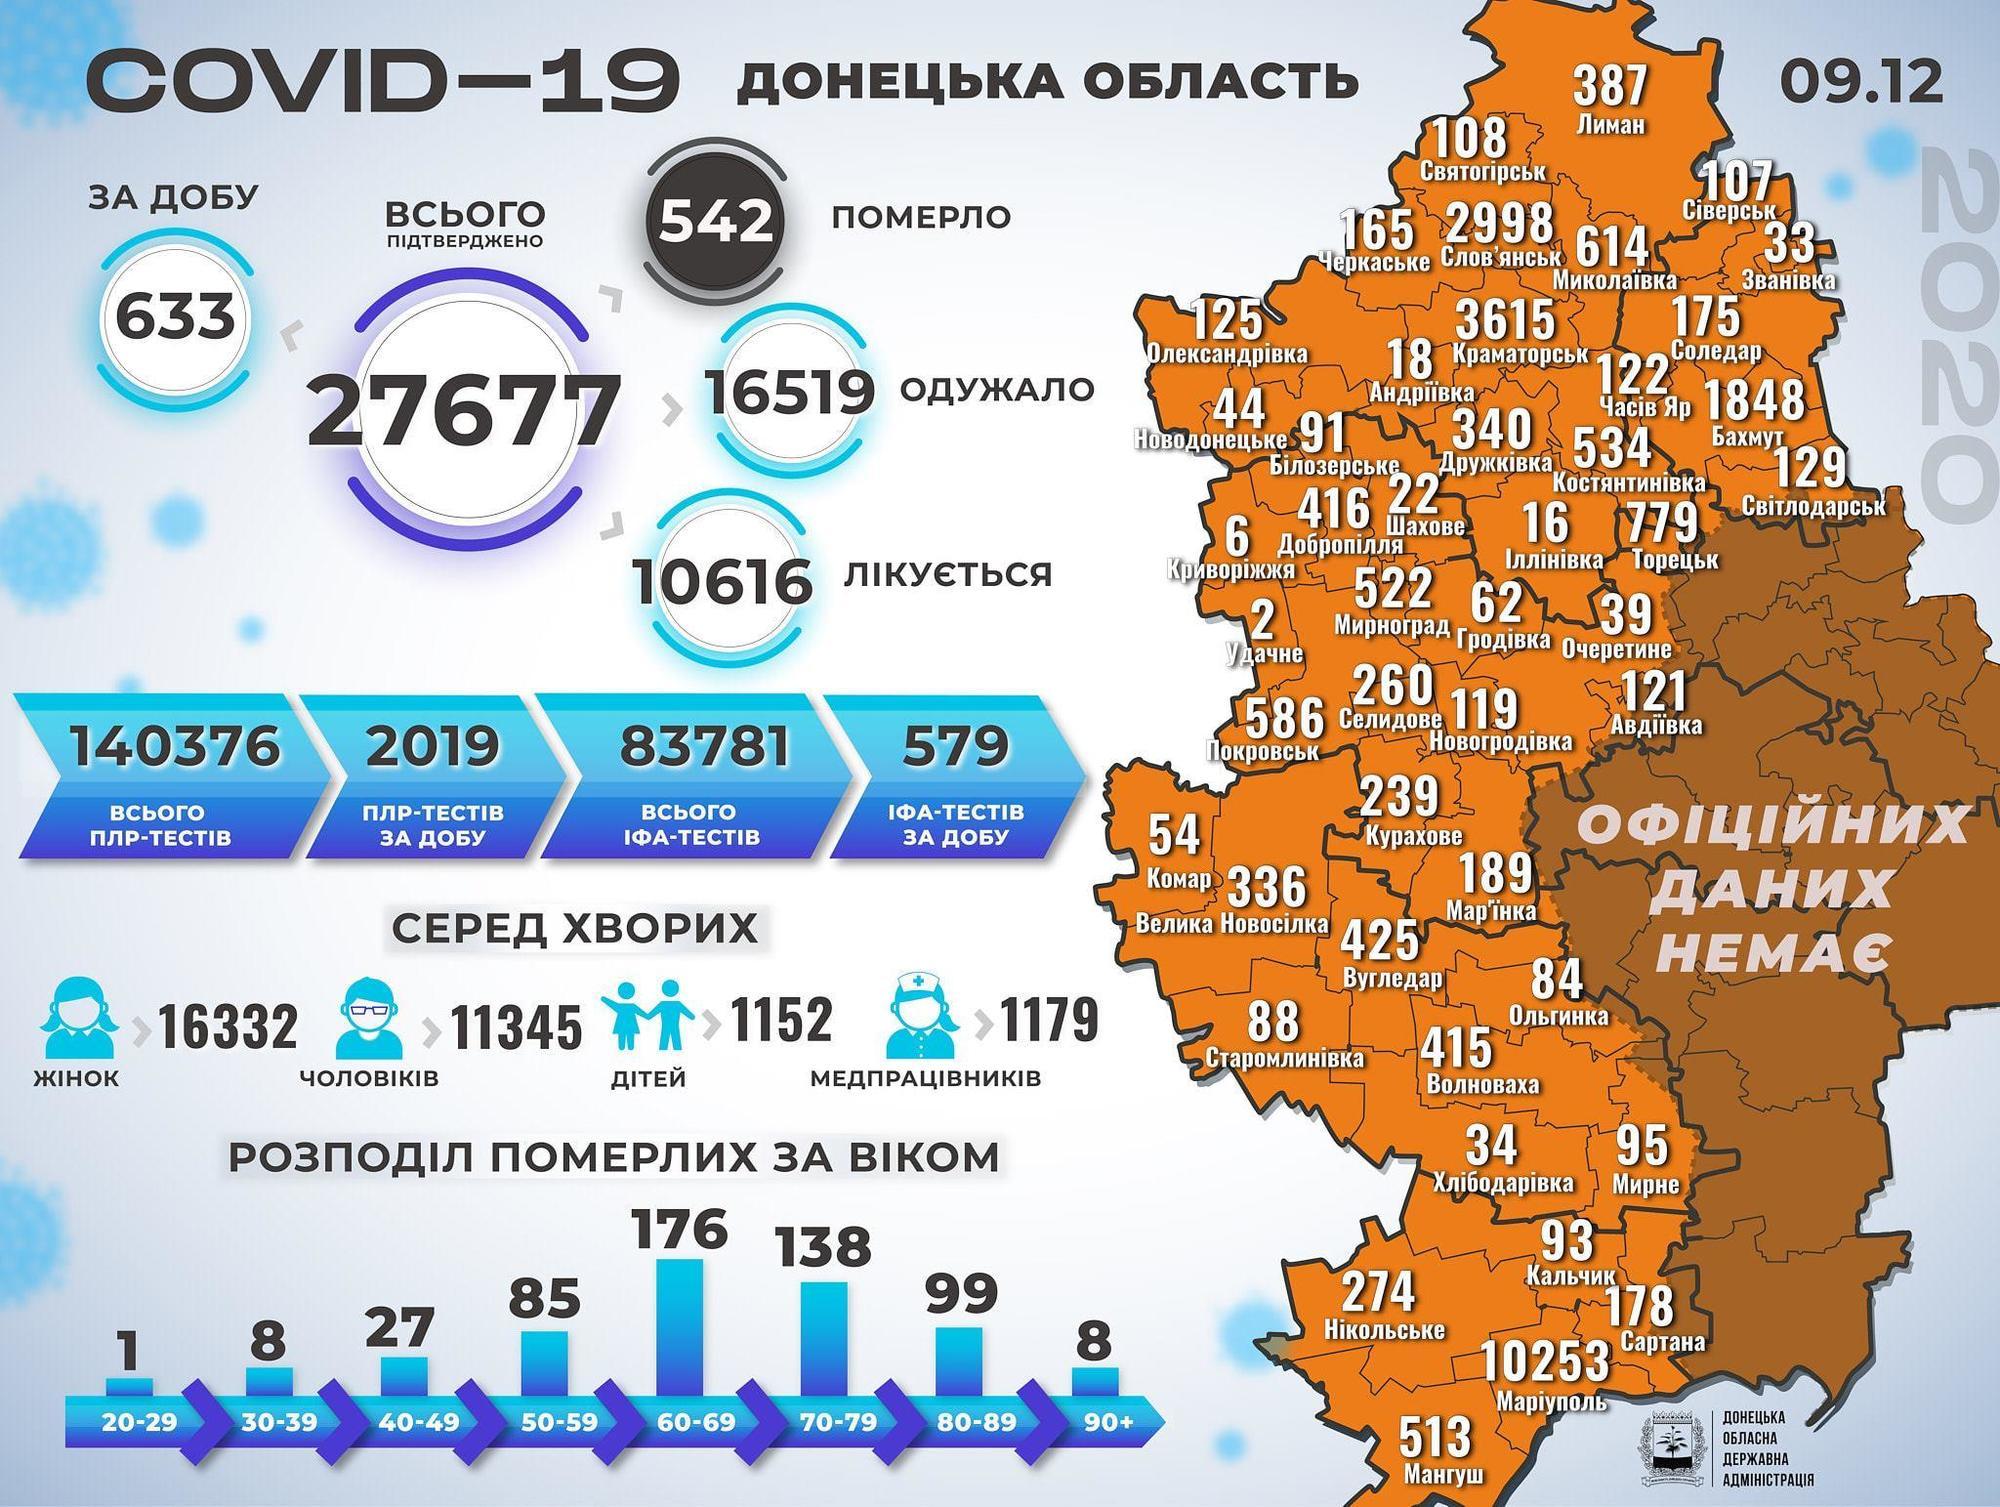 COVID-19 Донецька область статистика на 10 грудня